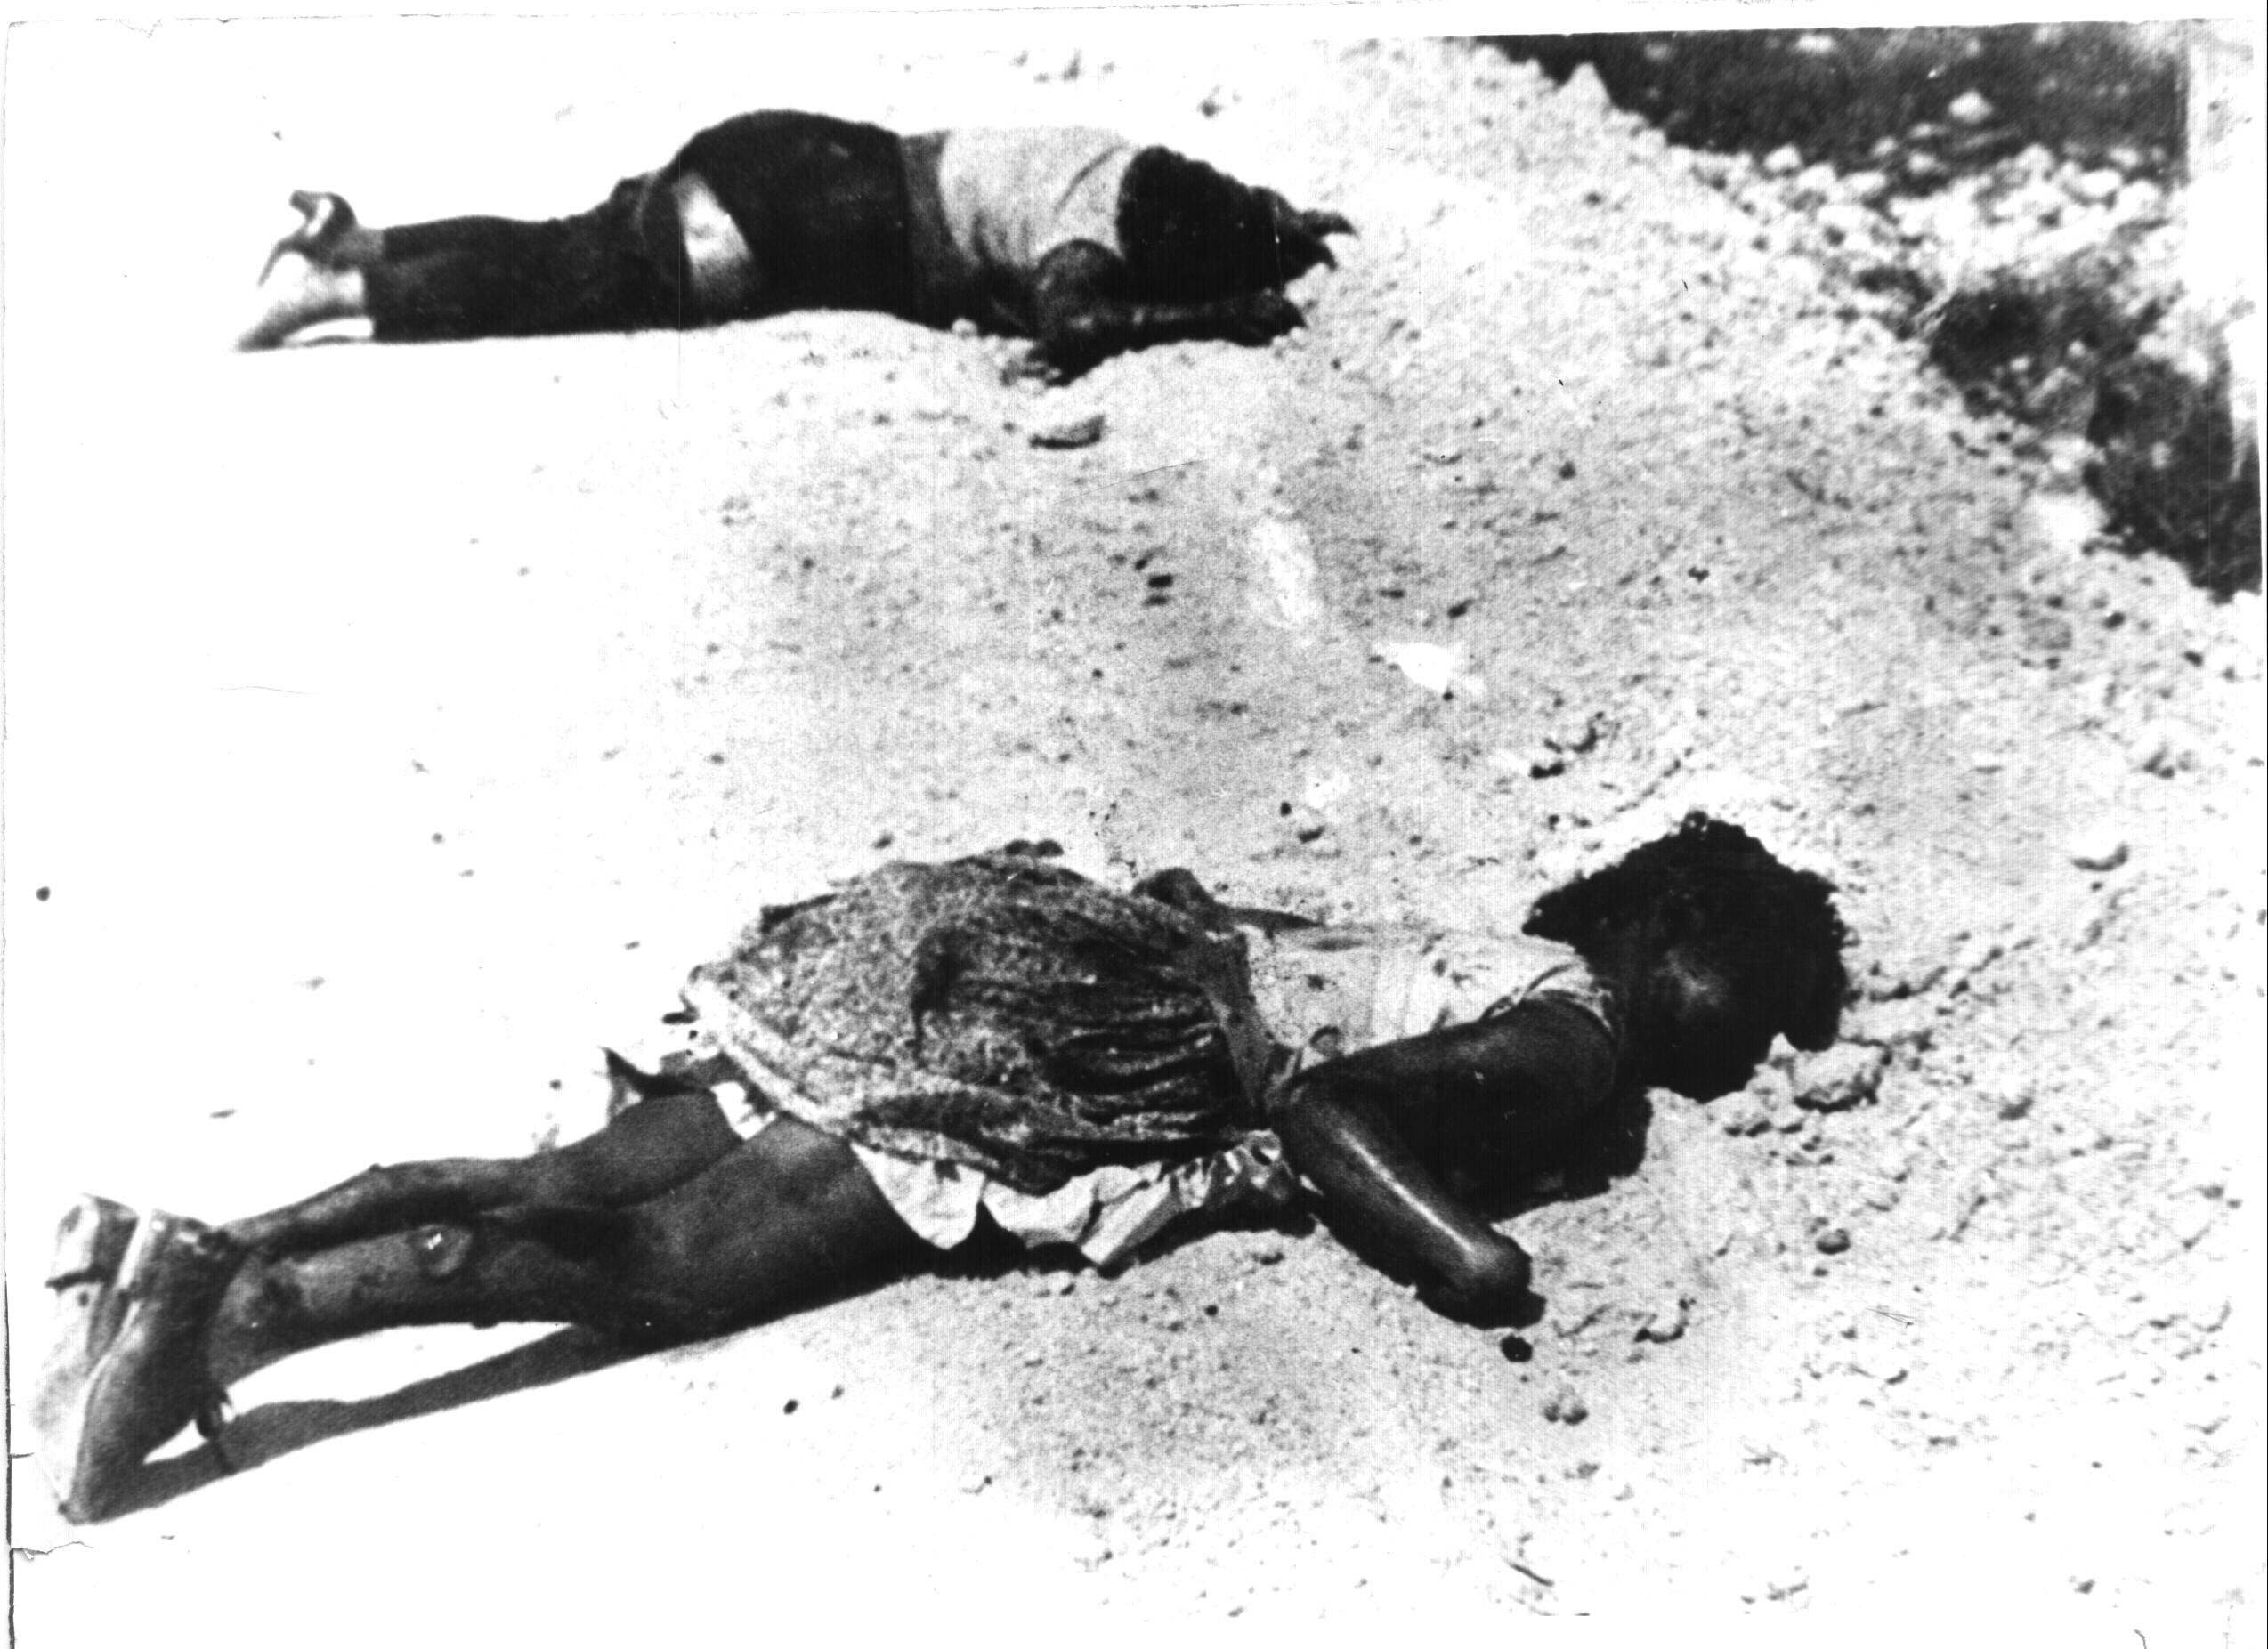 http://media.cubadebate.cu/wp-content/gallery/50-anos-de-la-victoria-de-playa-giron/giron_civiles_ametrallados.jpg